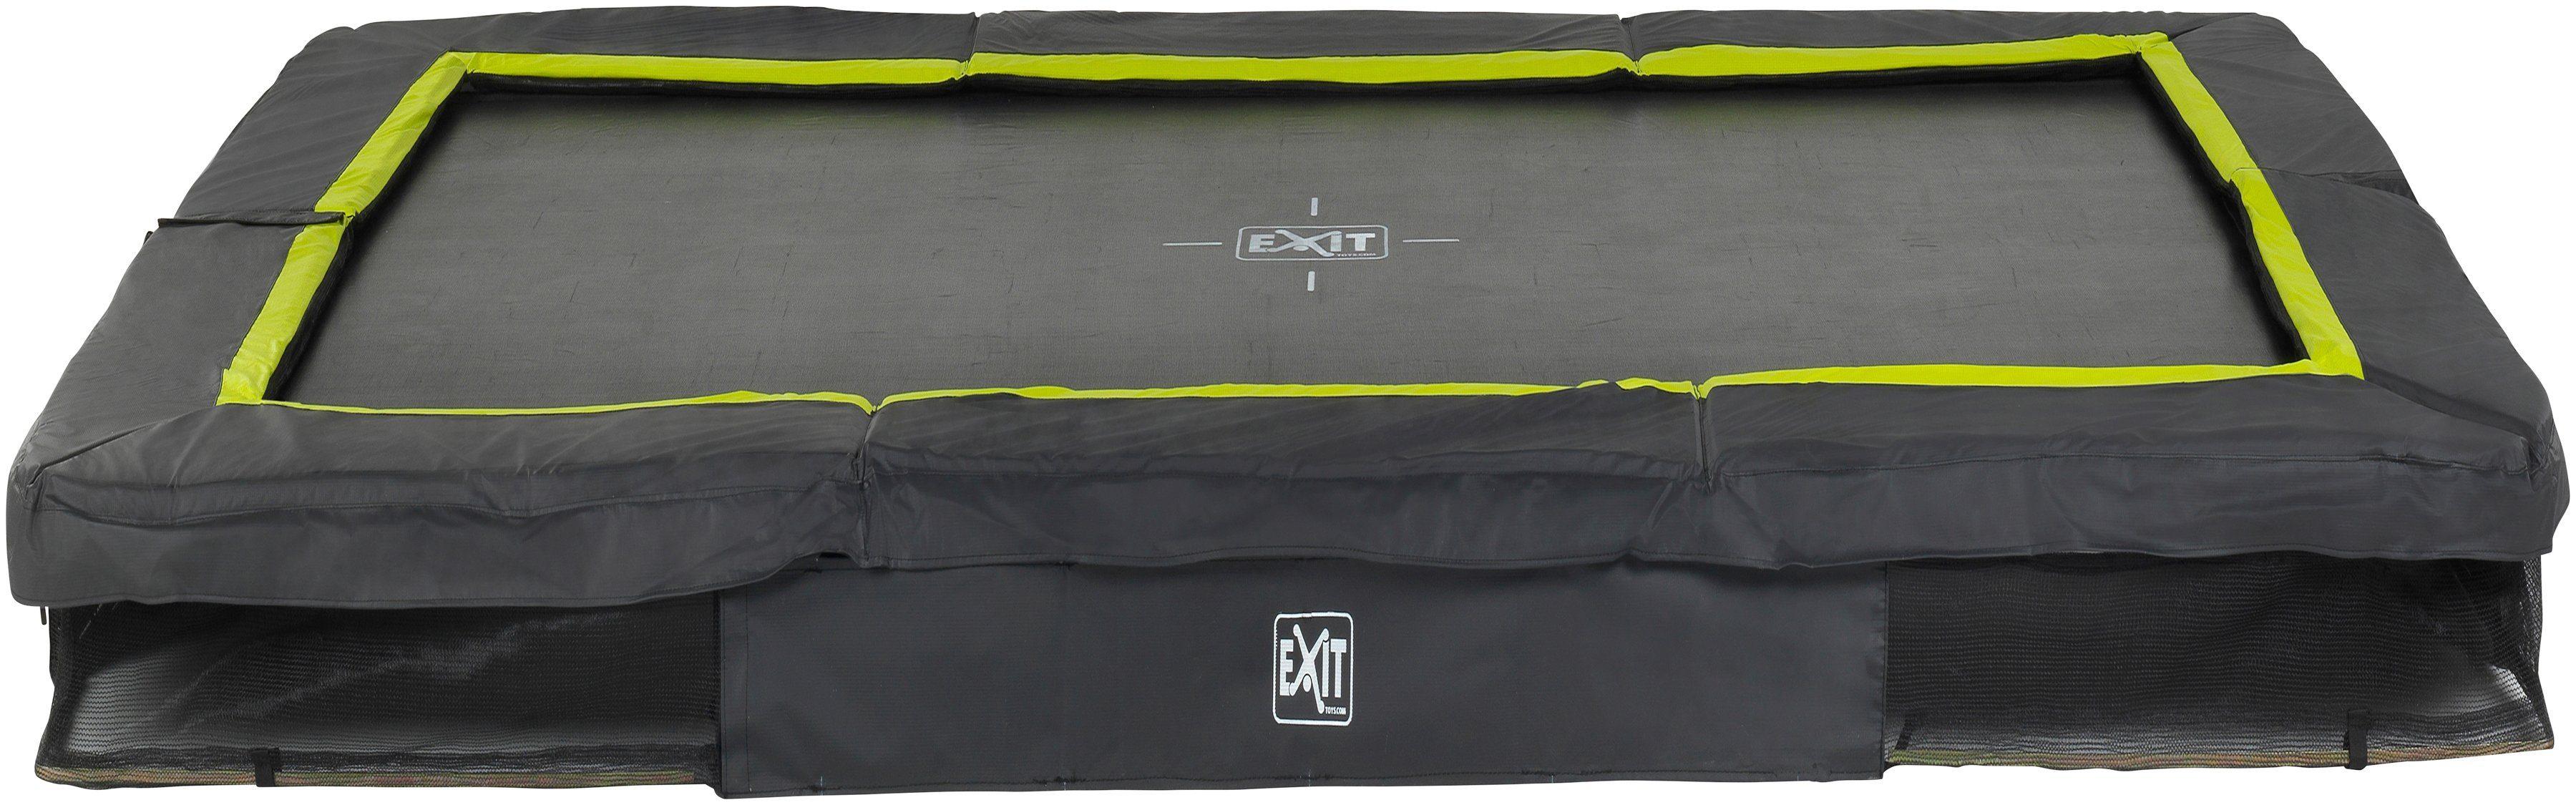 EXIT Trampolin »Silhouette Ground«, BxT: 214x305 cm, schwarz